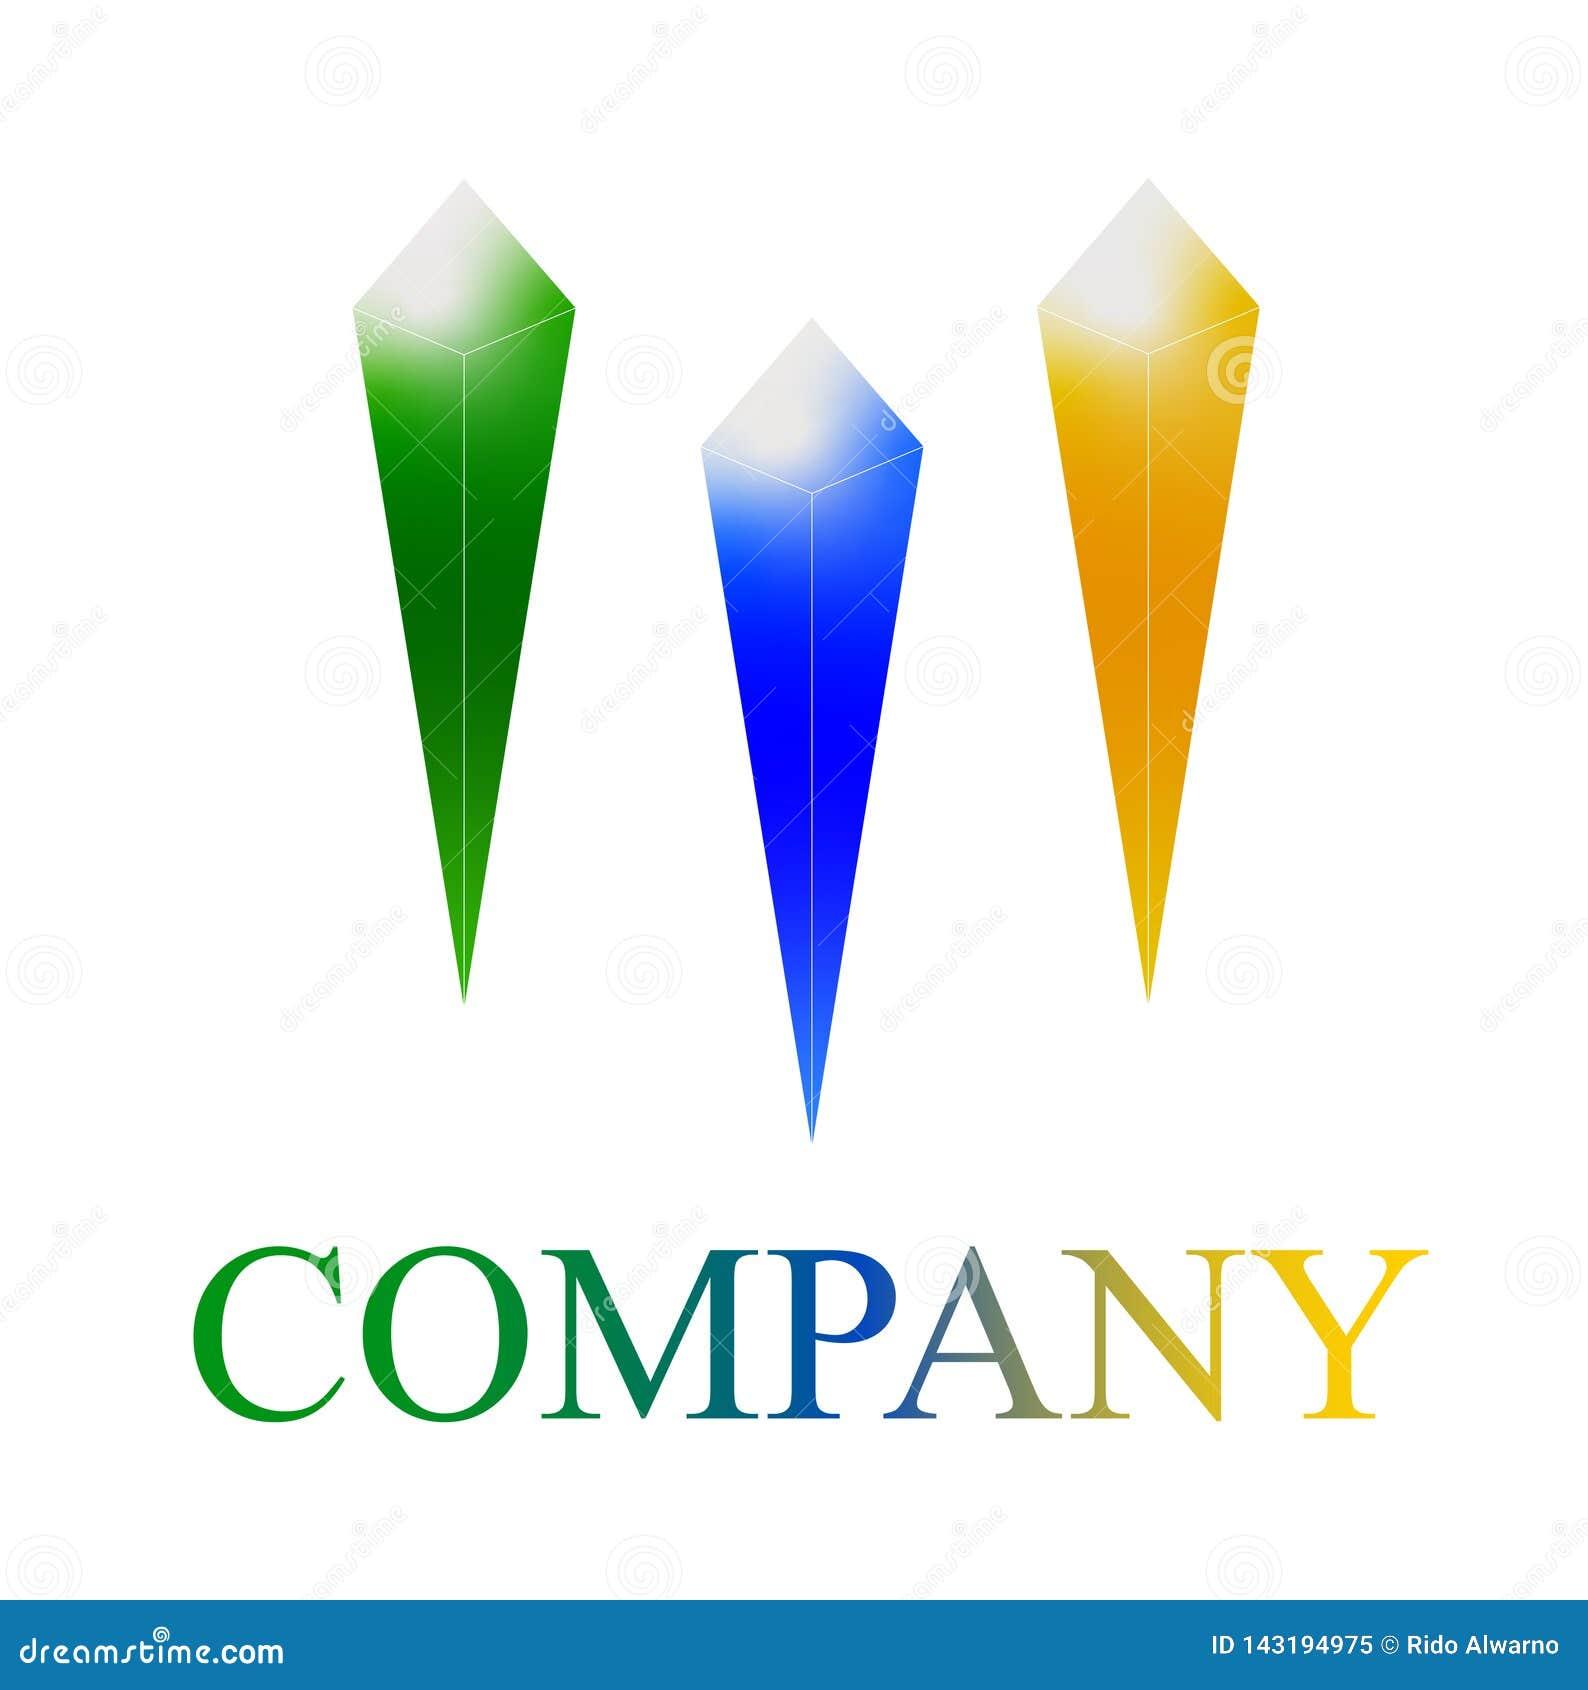 Company logo template. three crystal